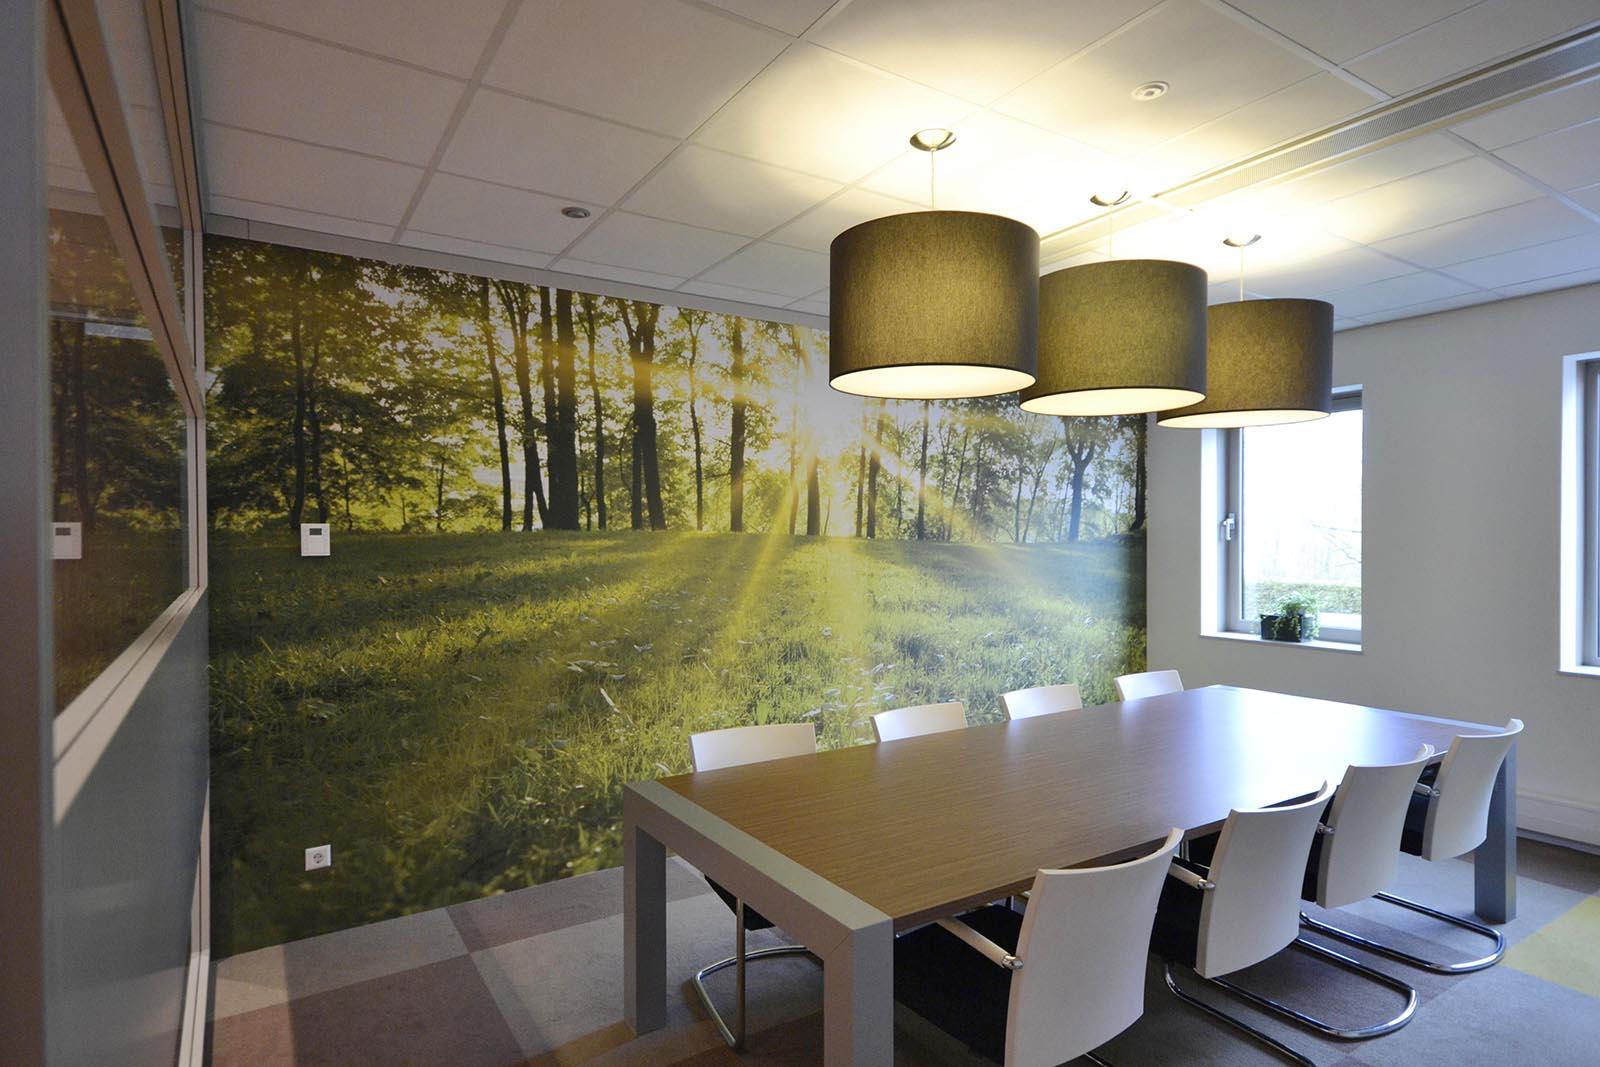 Fotobehang met bos 3 inspirerende voorbeelden - Kamer en kantoor ...